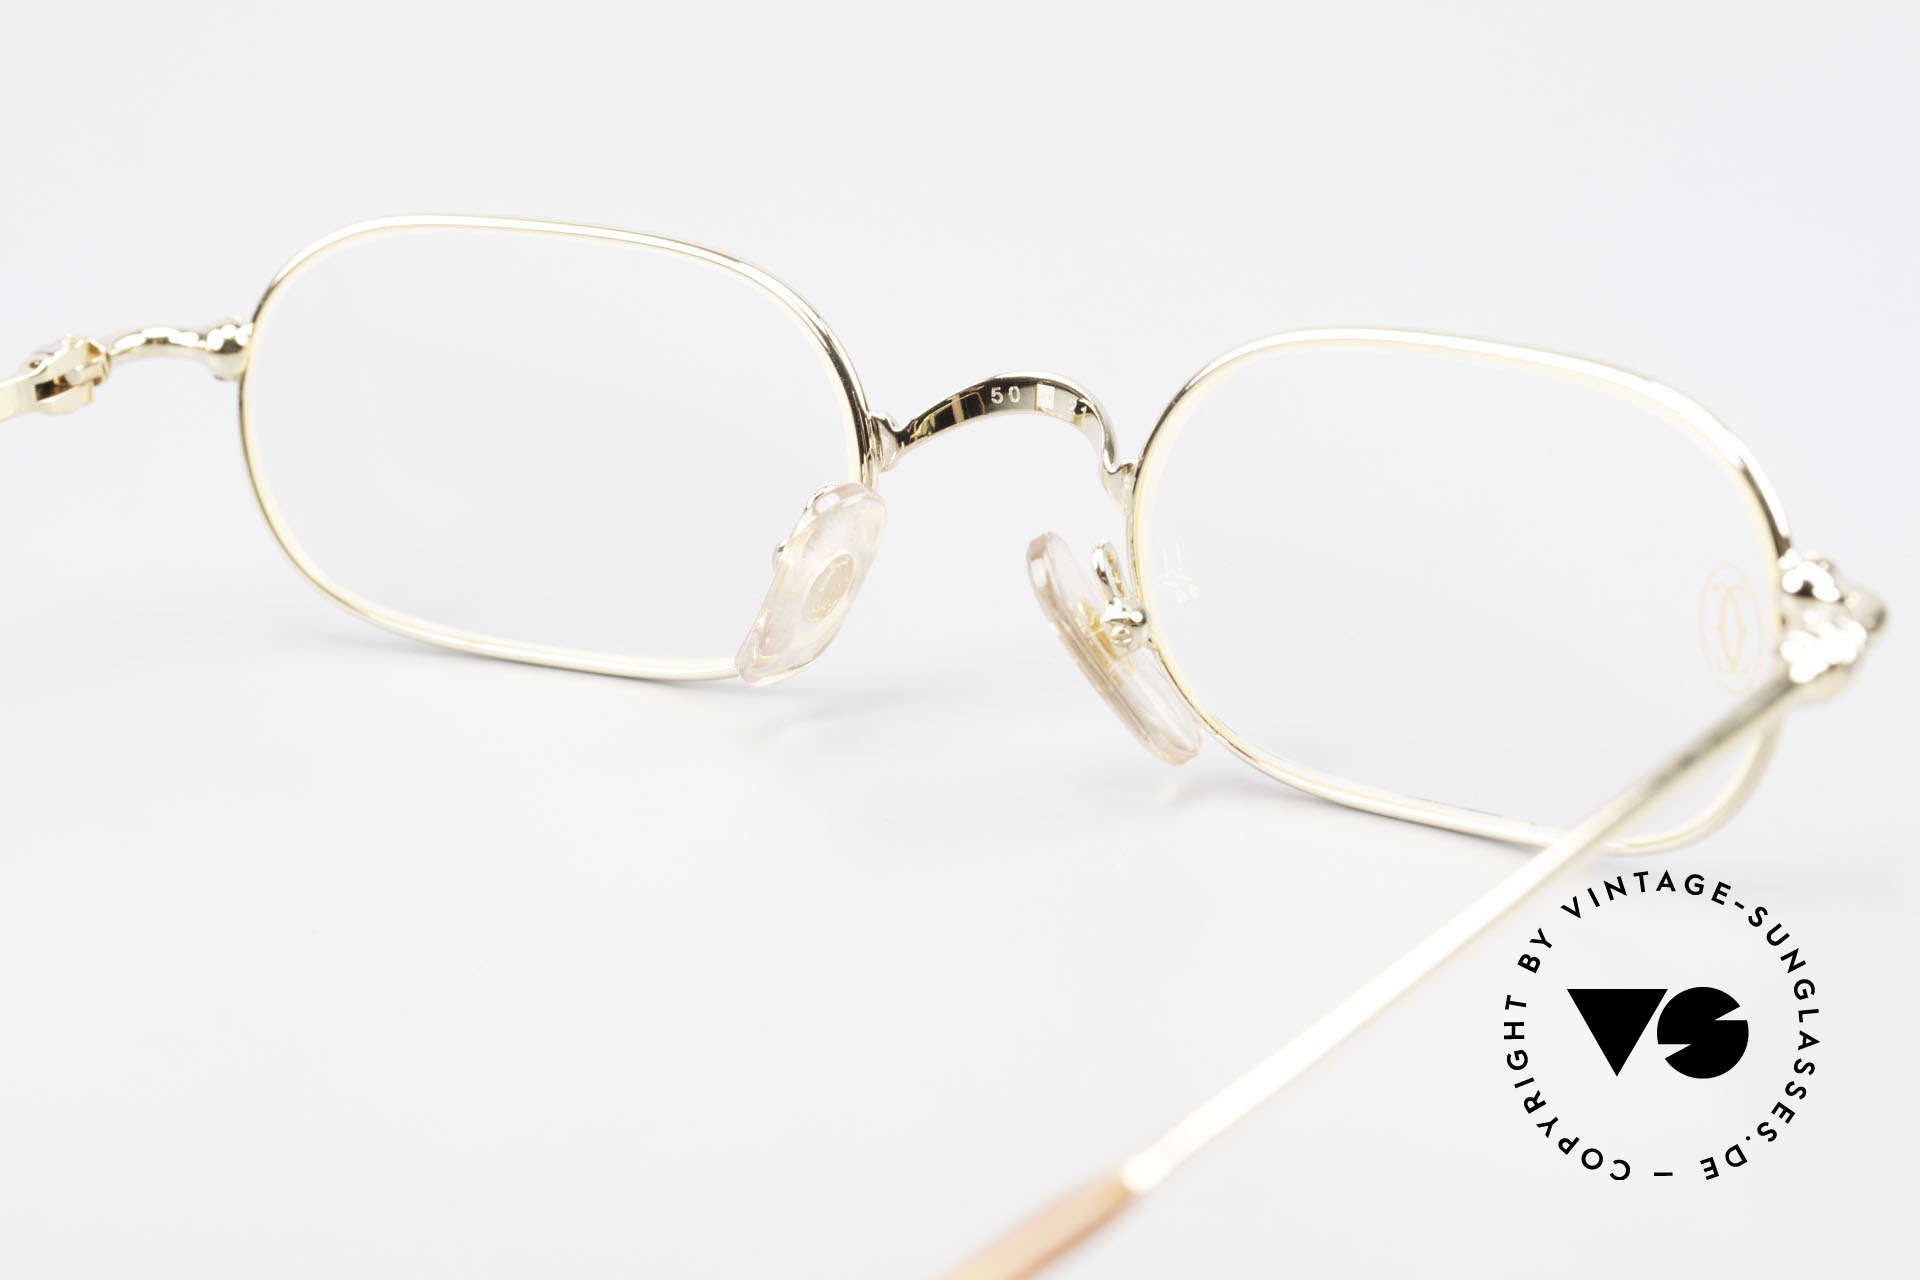 Cartier Orfy 90er Luxusbrille Eckig Unisex, KEIN RETRO, sondern ein kostbares altes ORIGINAL!, Passend für Herren und Damen